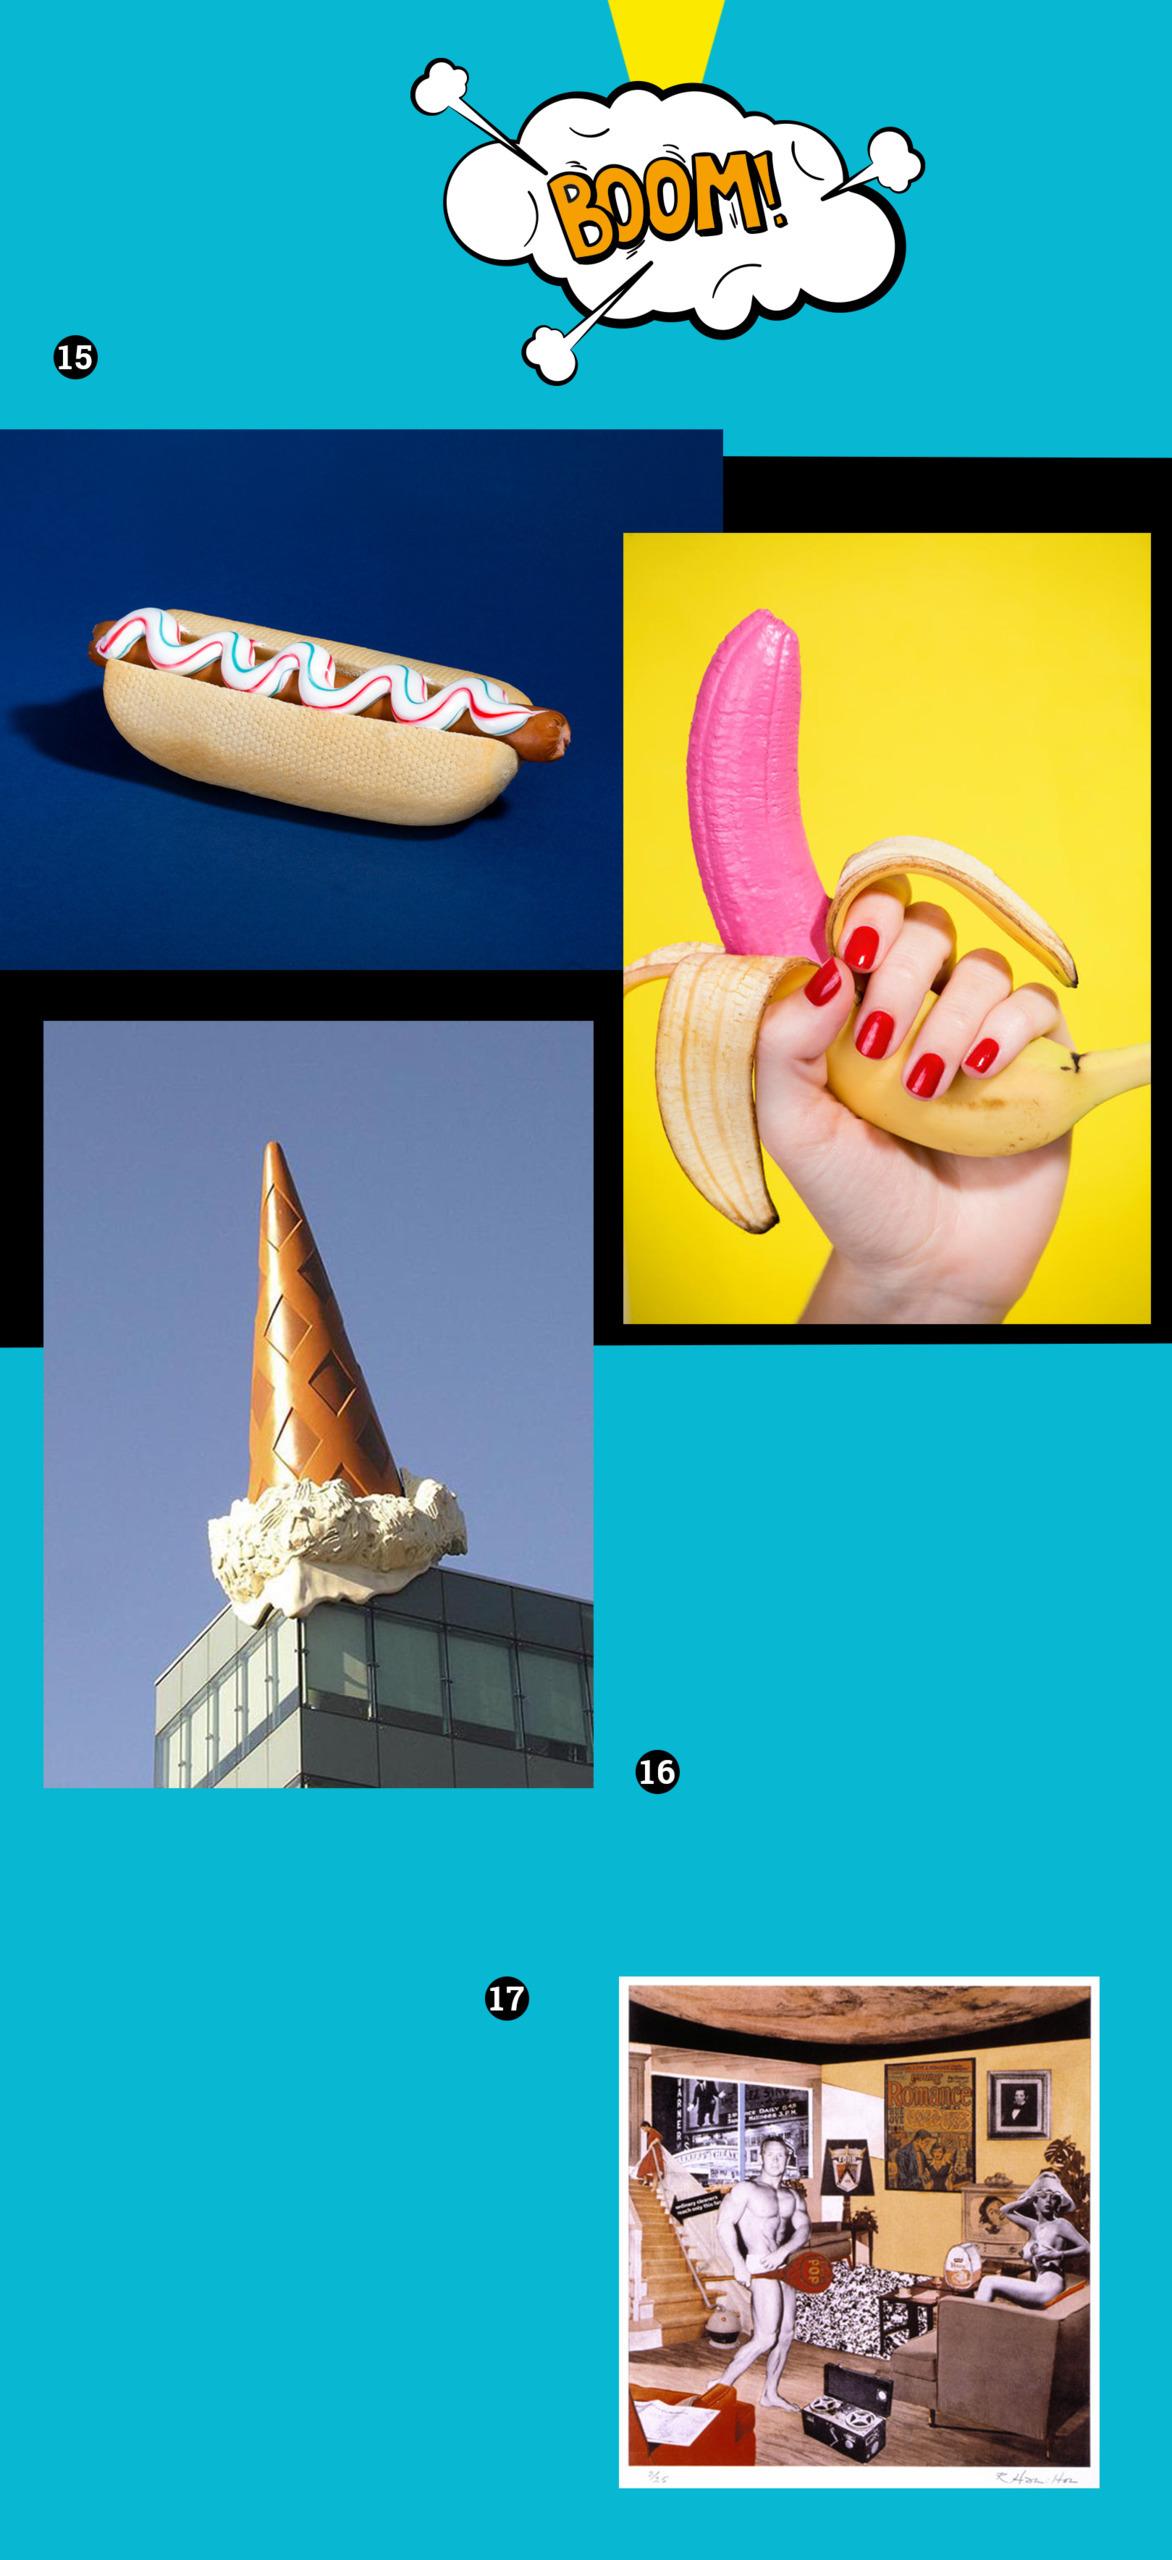 Obraz przedstawia różne zdjęcia na niebieskim tle, widzimy komiksową chmurkę, hot doga, rękę trzymającą różowego banana, wielką rzeźbę loda na dachu budynku, kolaż znanego artysty.